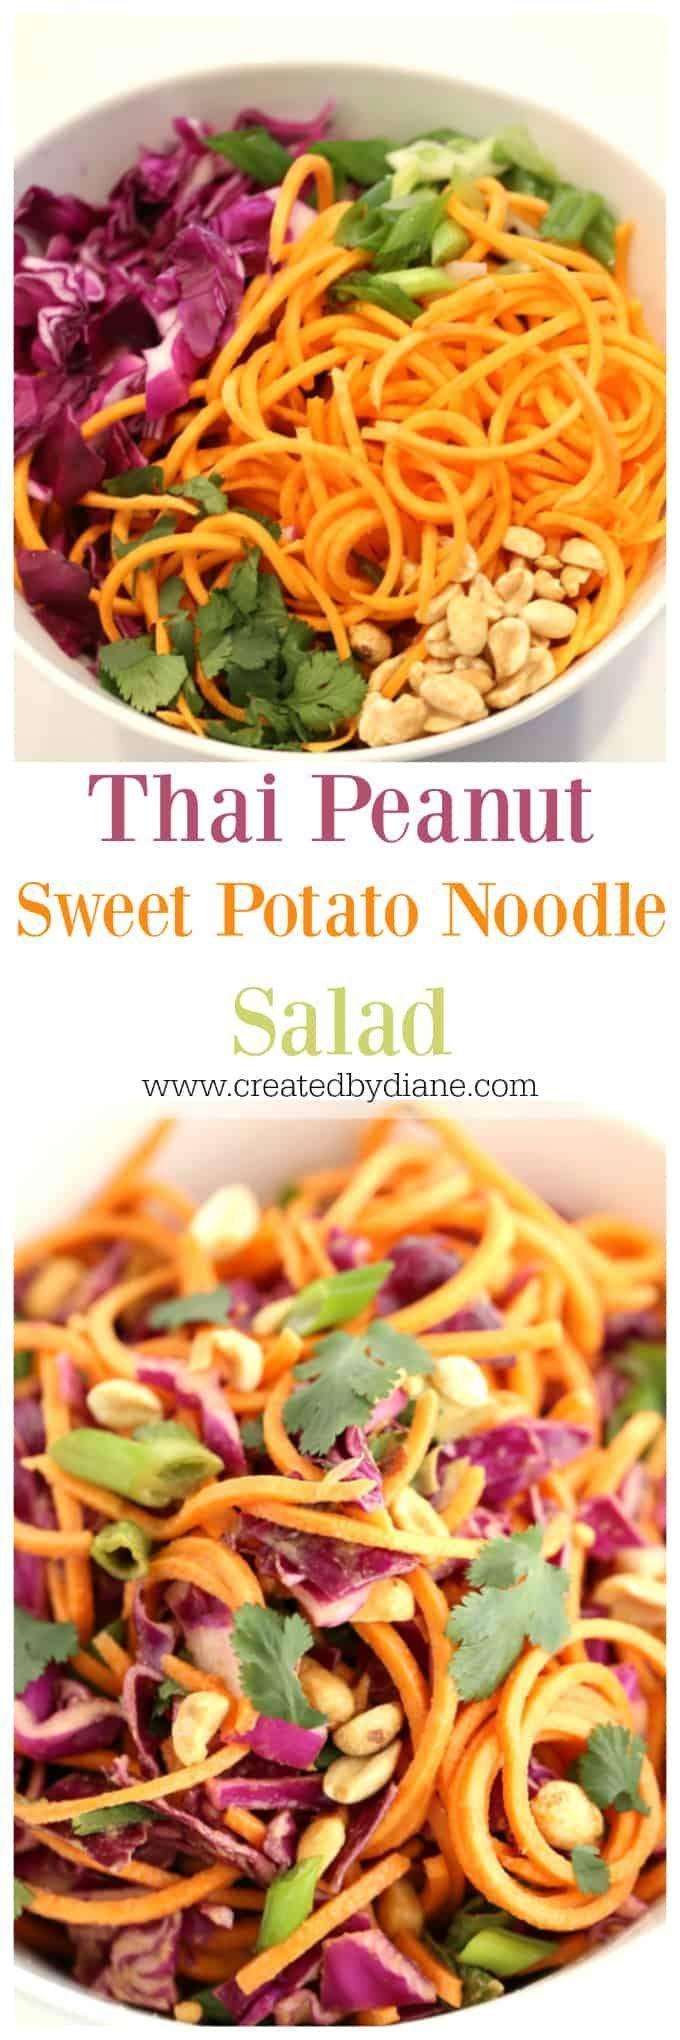 Bar Food Makeover: Thai Peanut Sweet Potato Skins